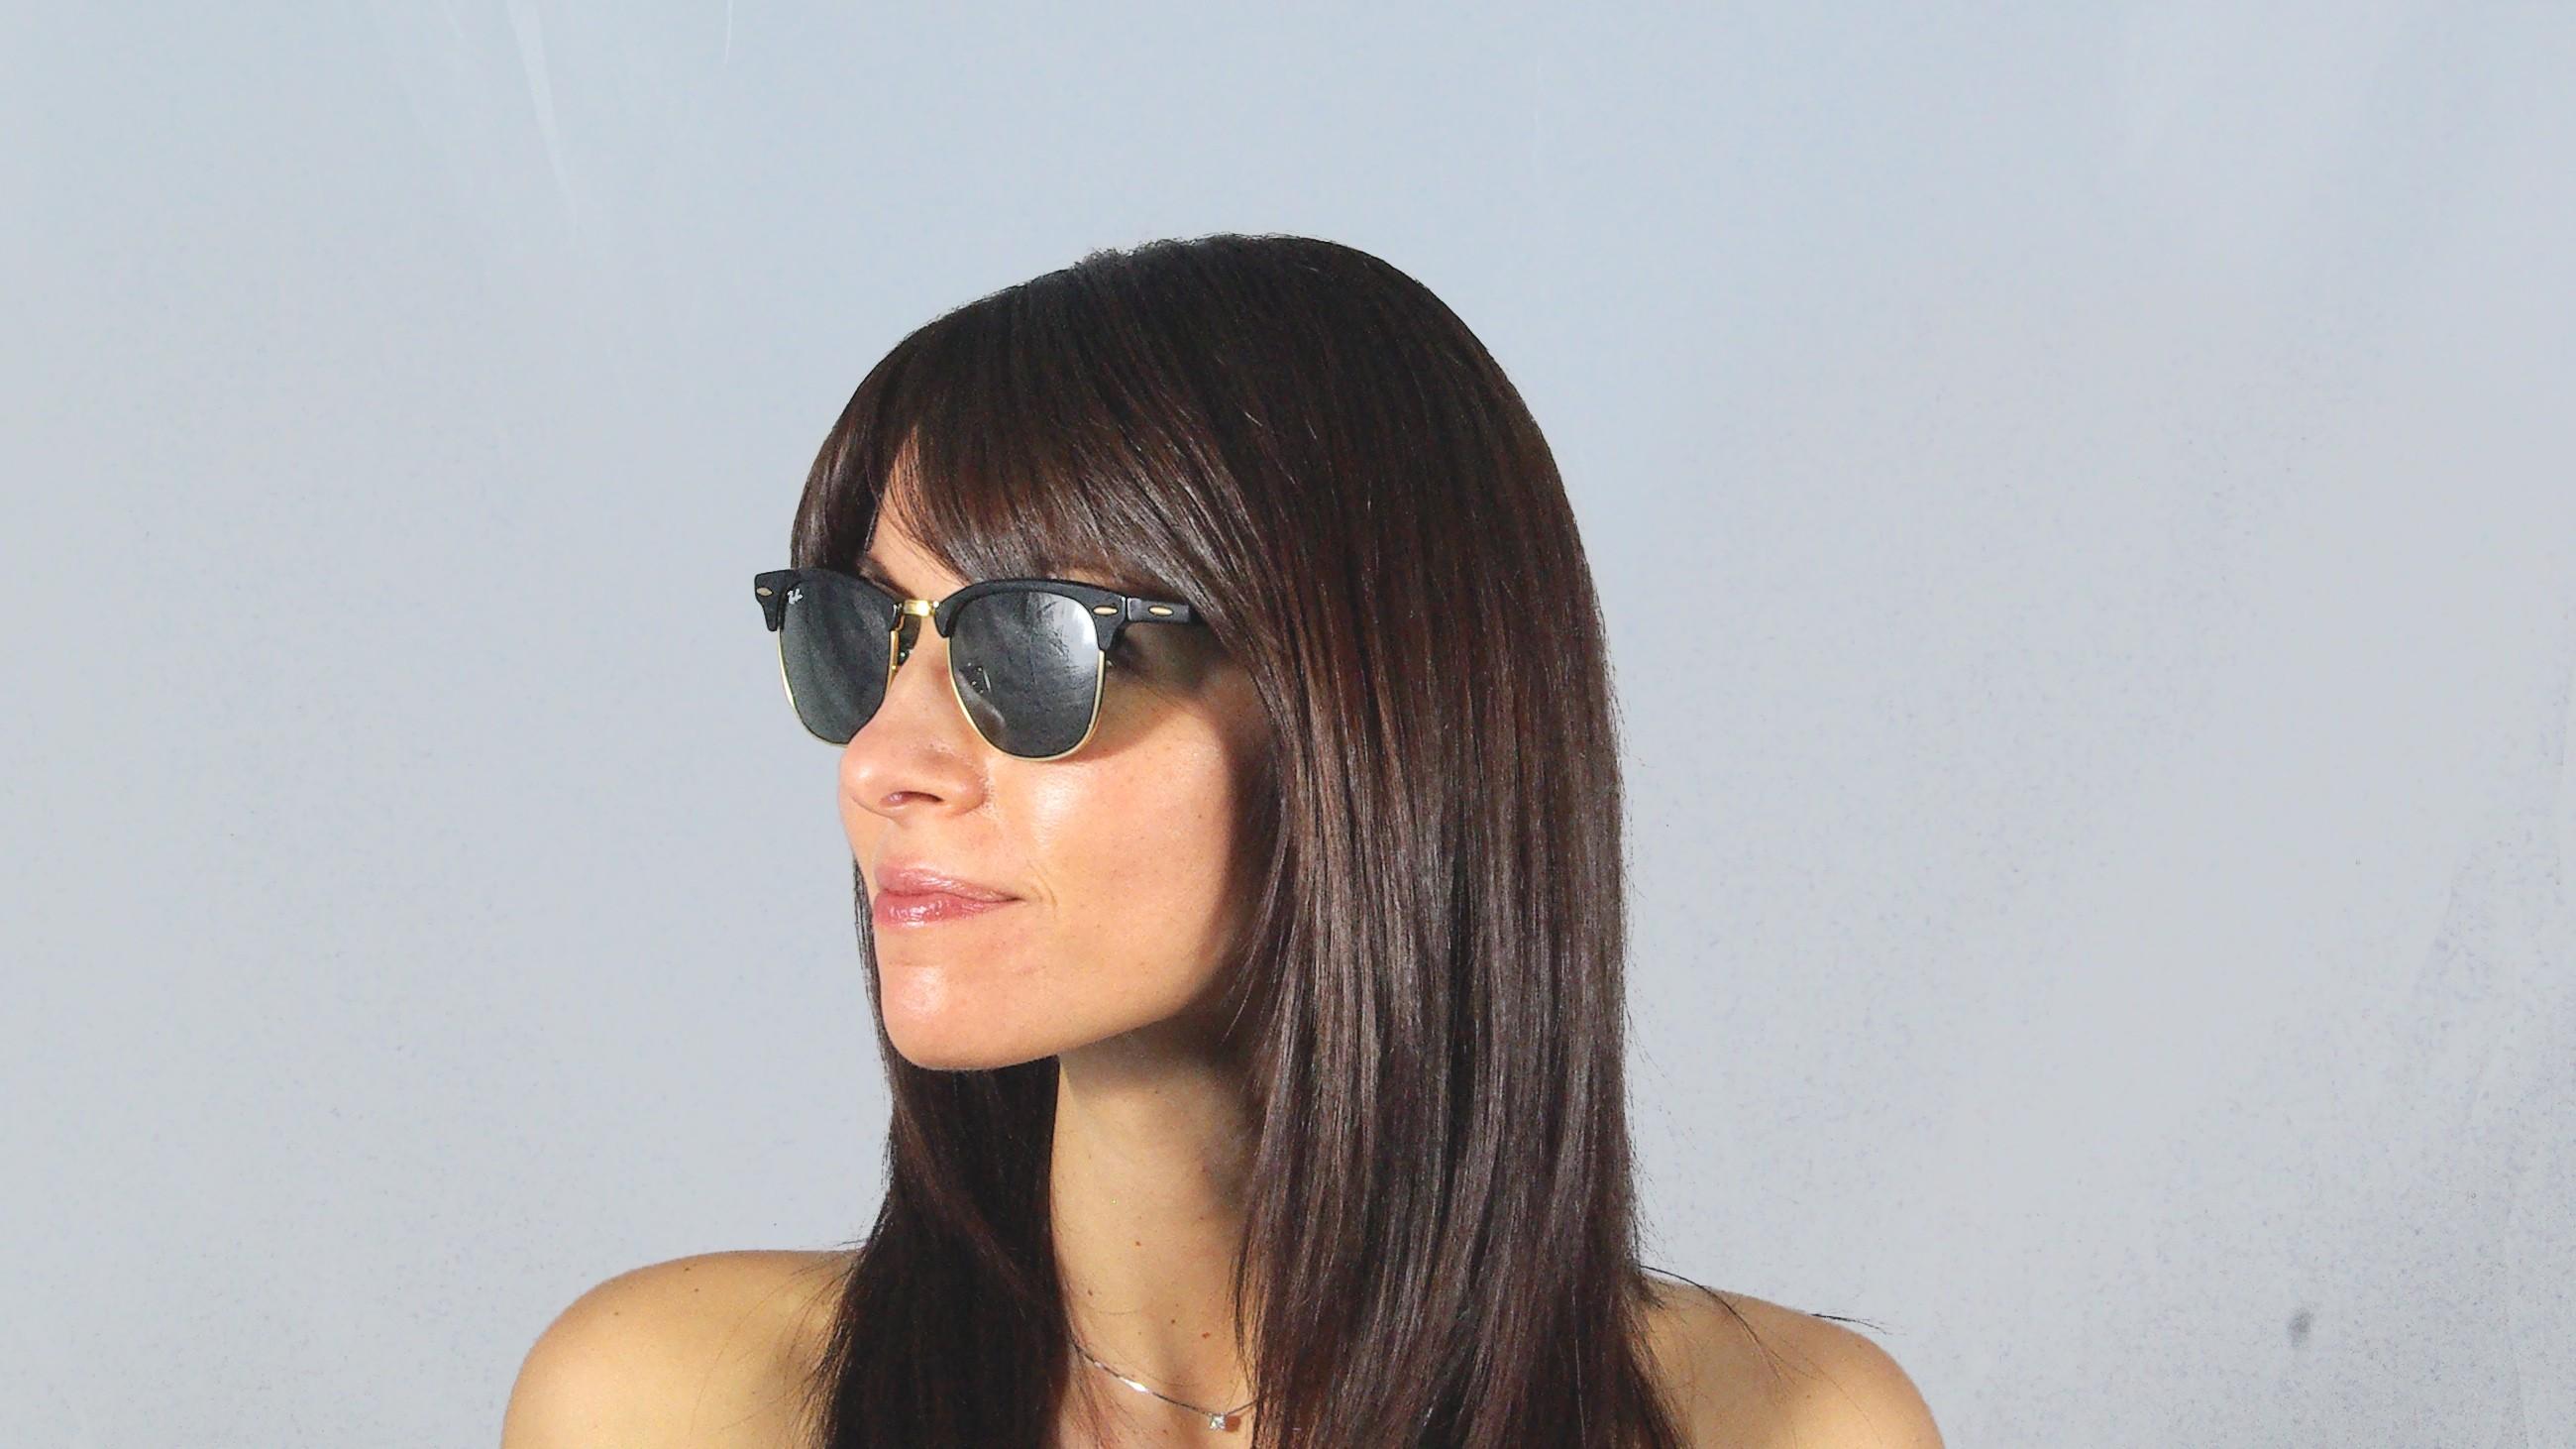 af25a6dfddd Sunglasses Ray-Ban Clubmaster Classic Black RB3016 W0365 51-21 Medium